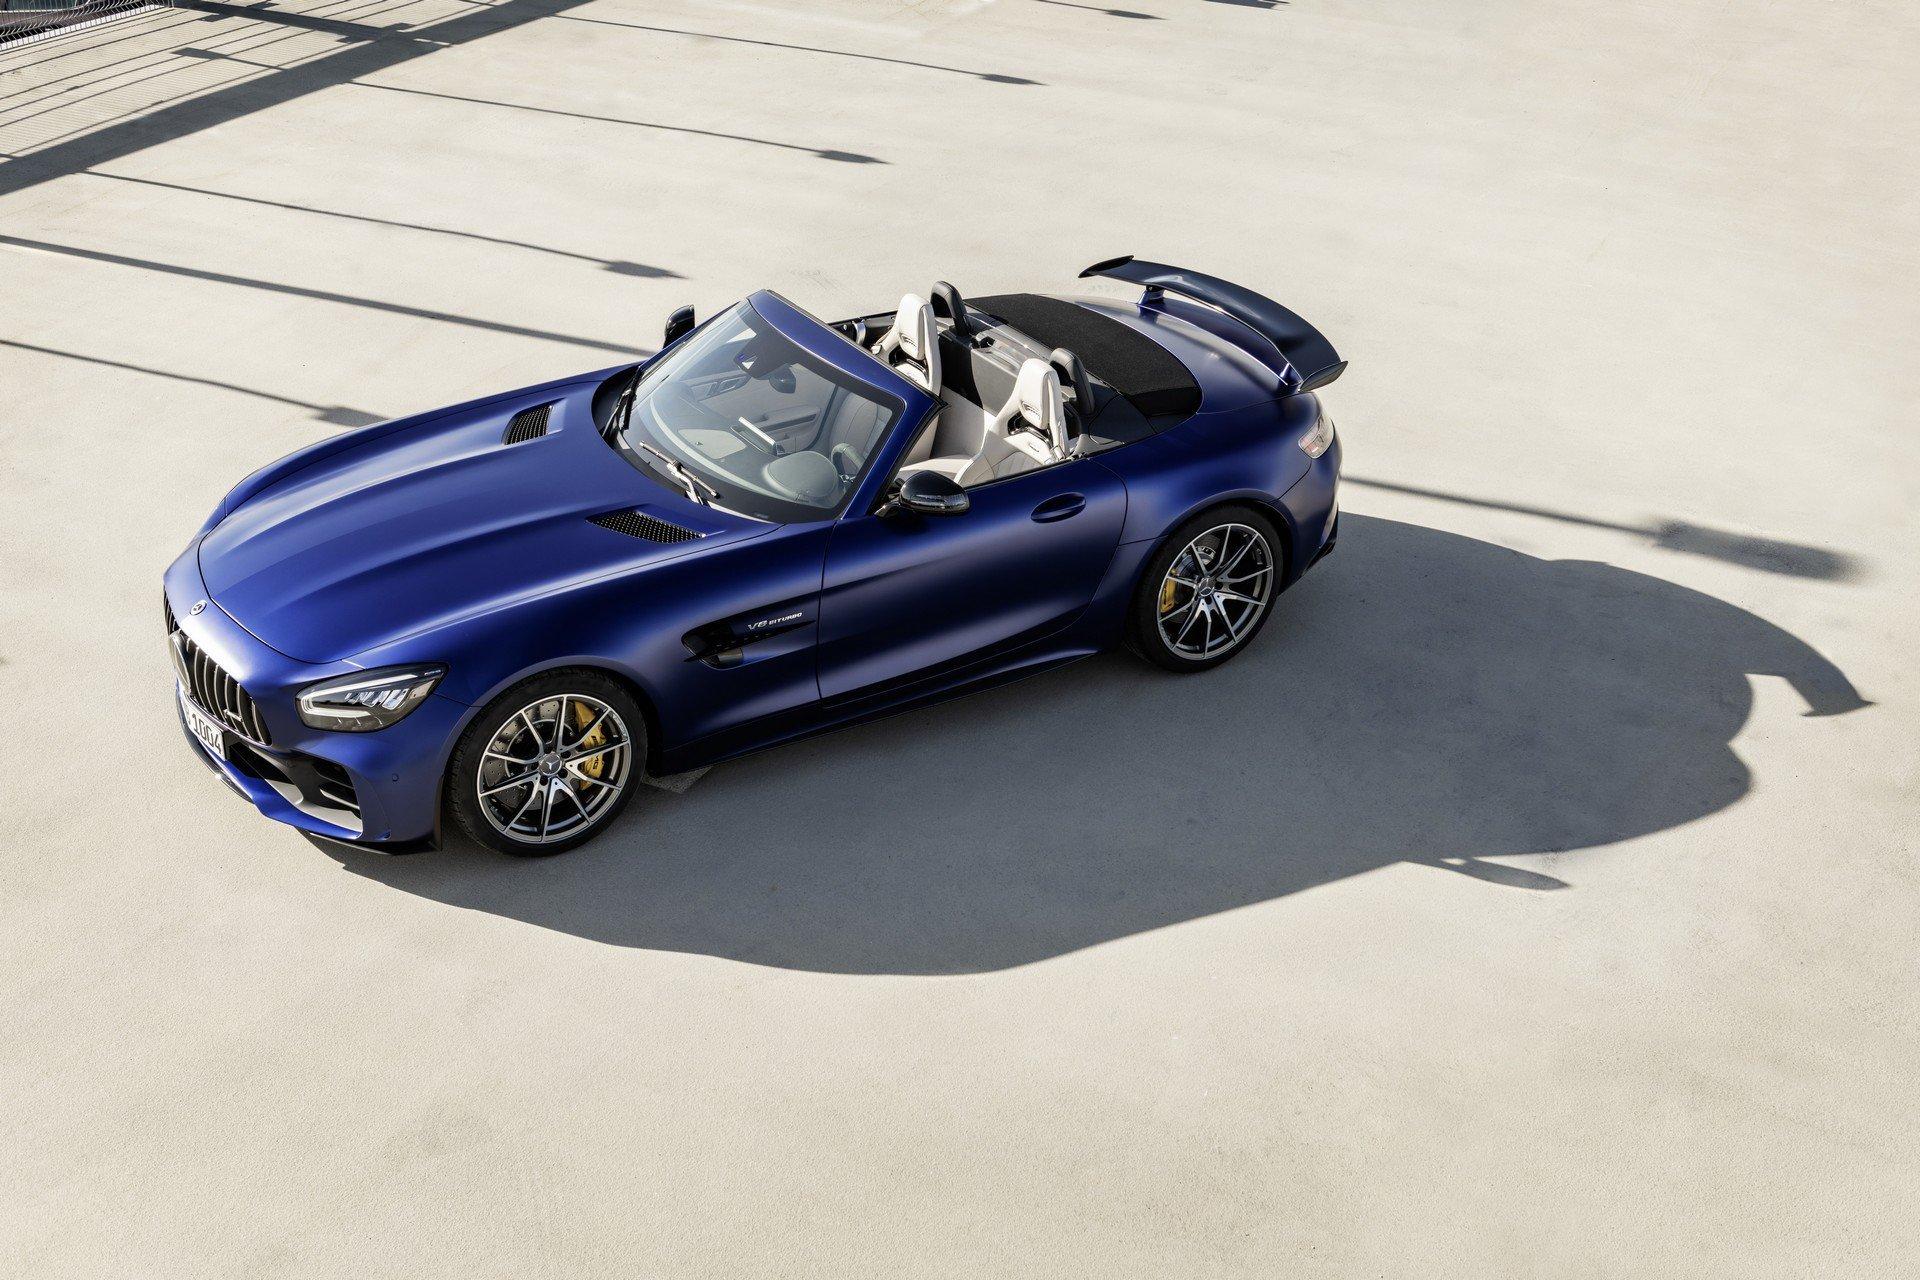 奔驰Mercedes-AMG GT R Roadster豪华跑车敞篷版